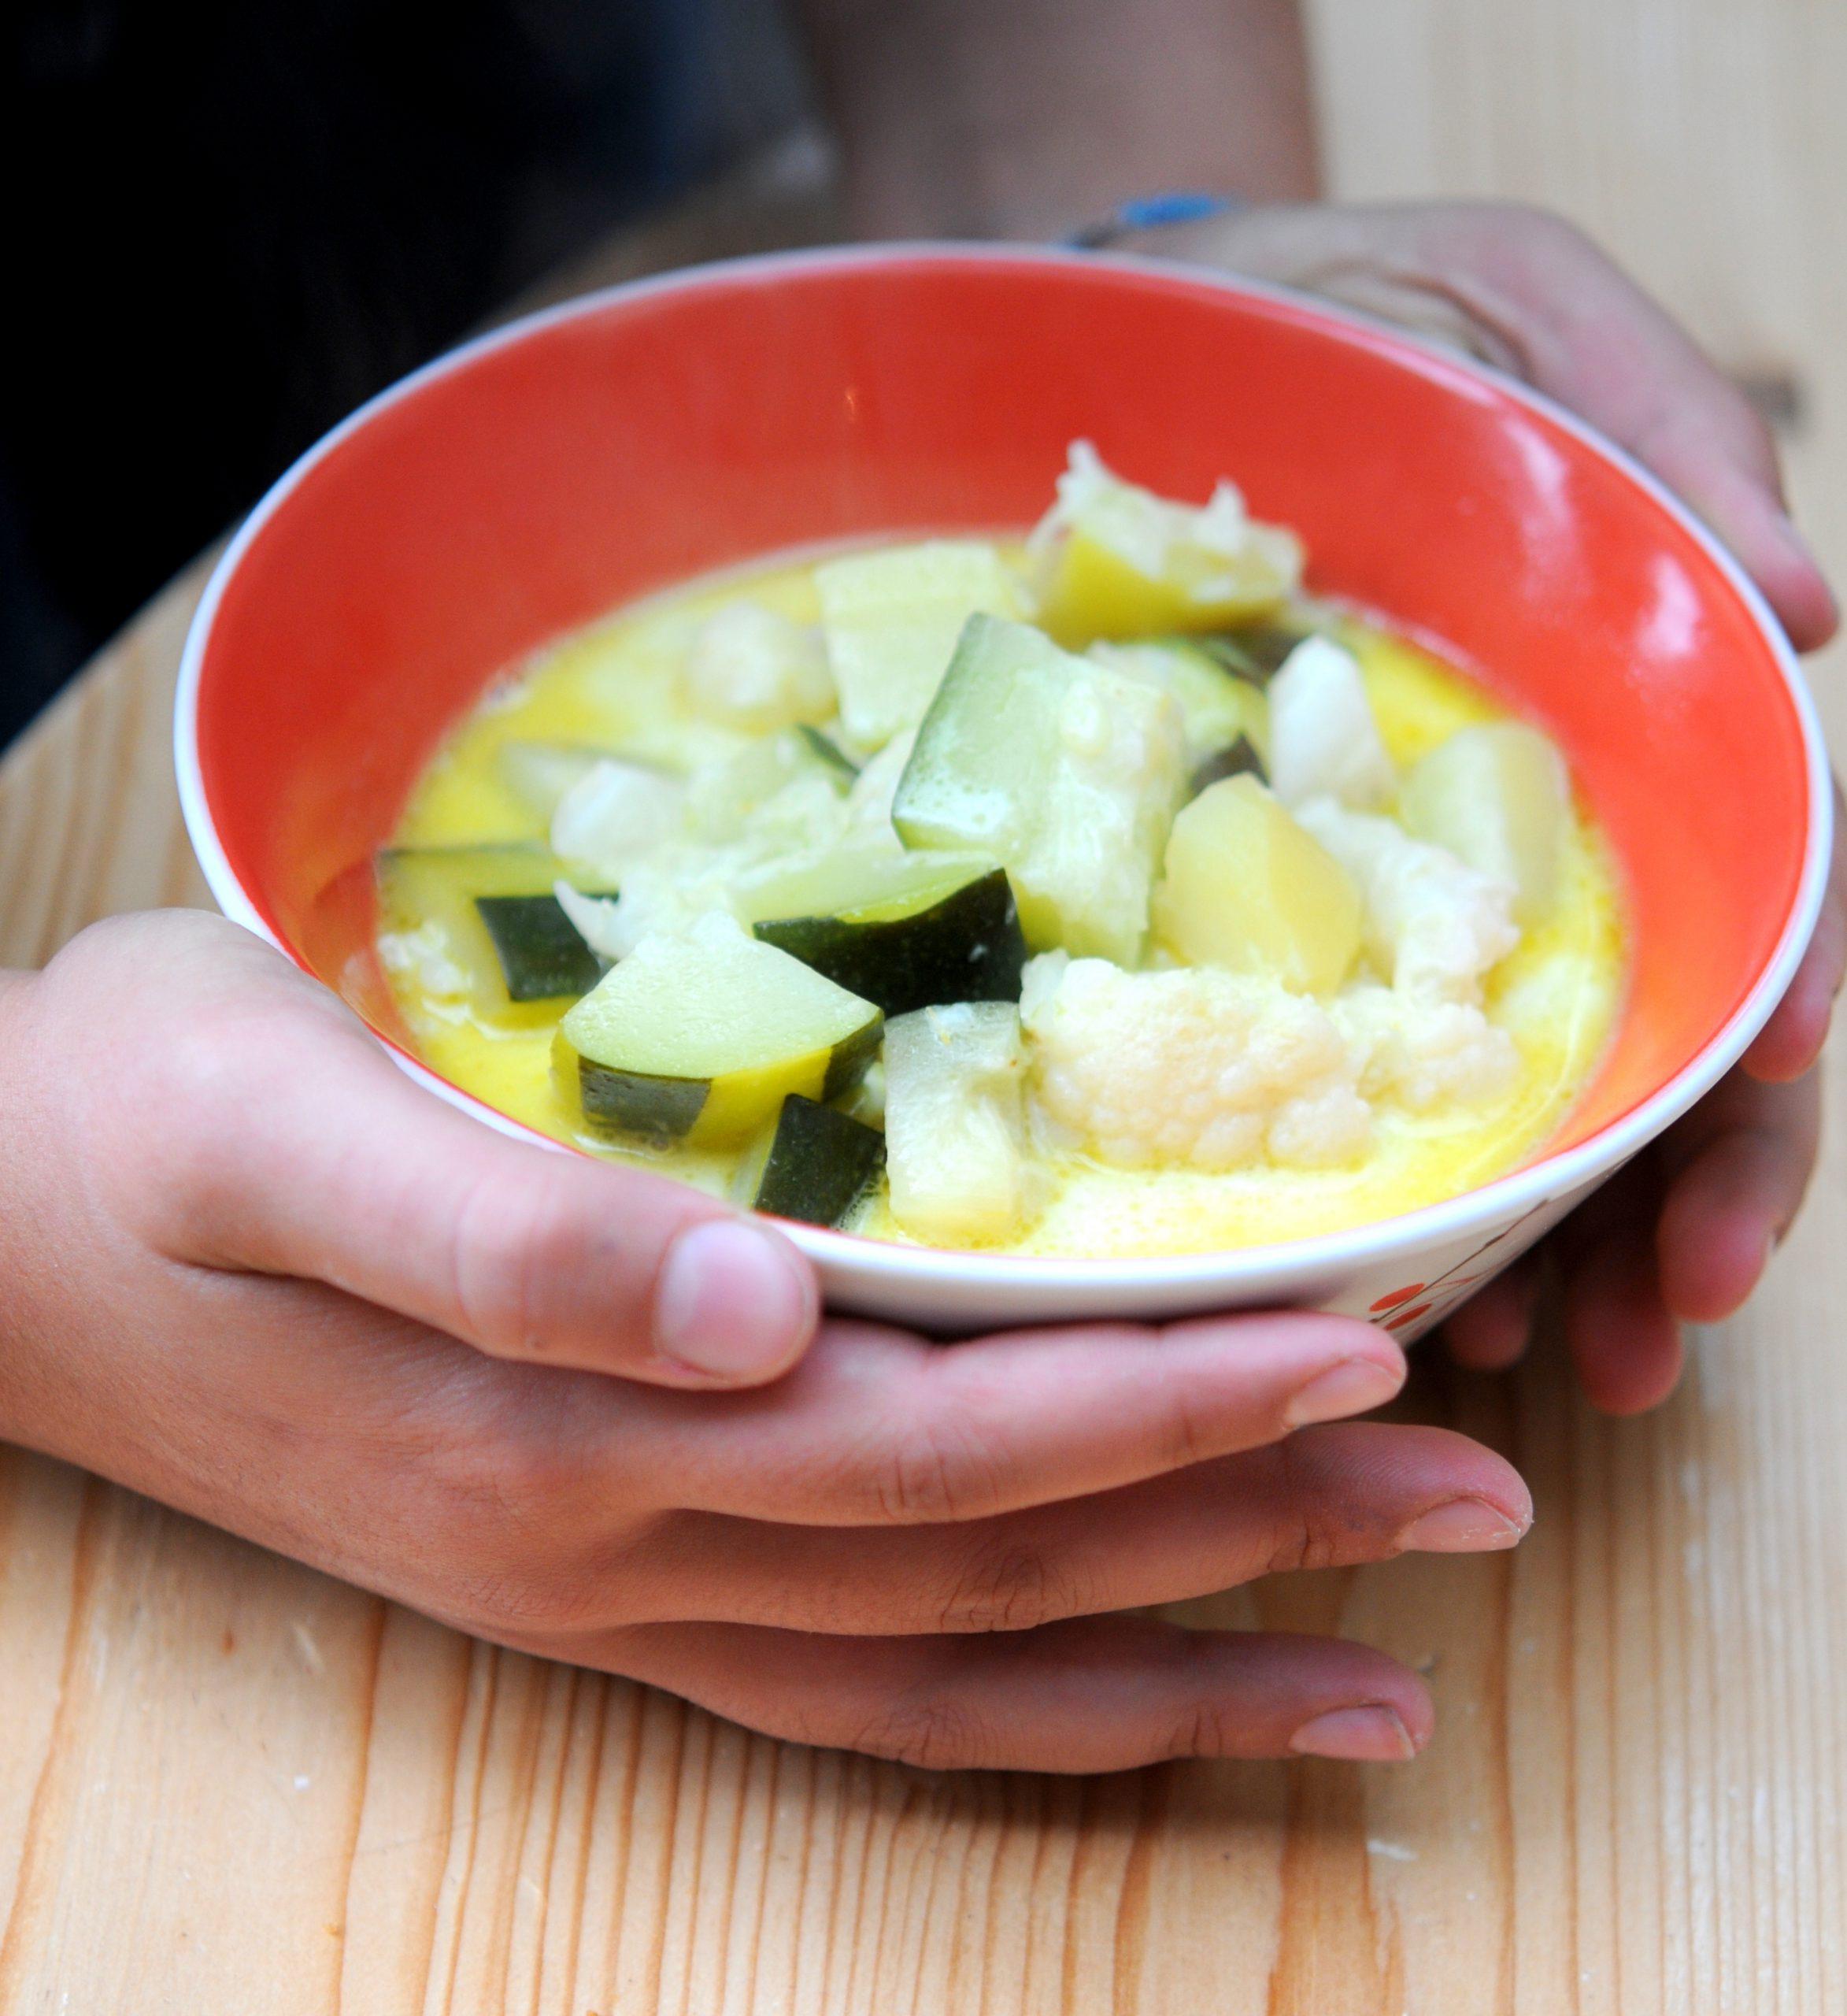 Manger bien et fait maison tous les jours avec un minimum de contraintes makanaimakanai - Manger des endives tous les jours ...